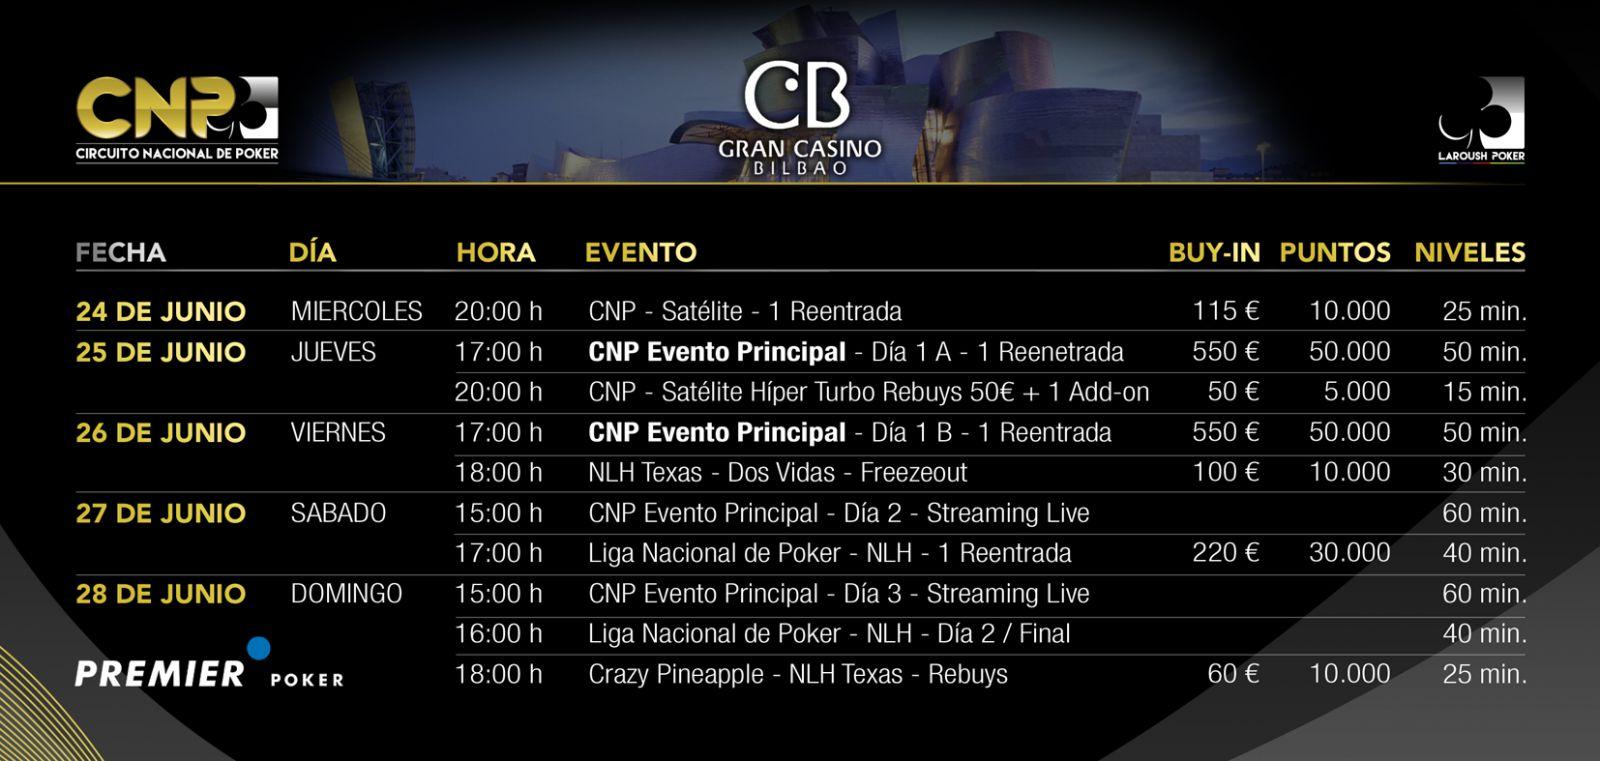 Cartel de la parada de Bilbao del CNP 4.0